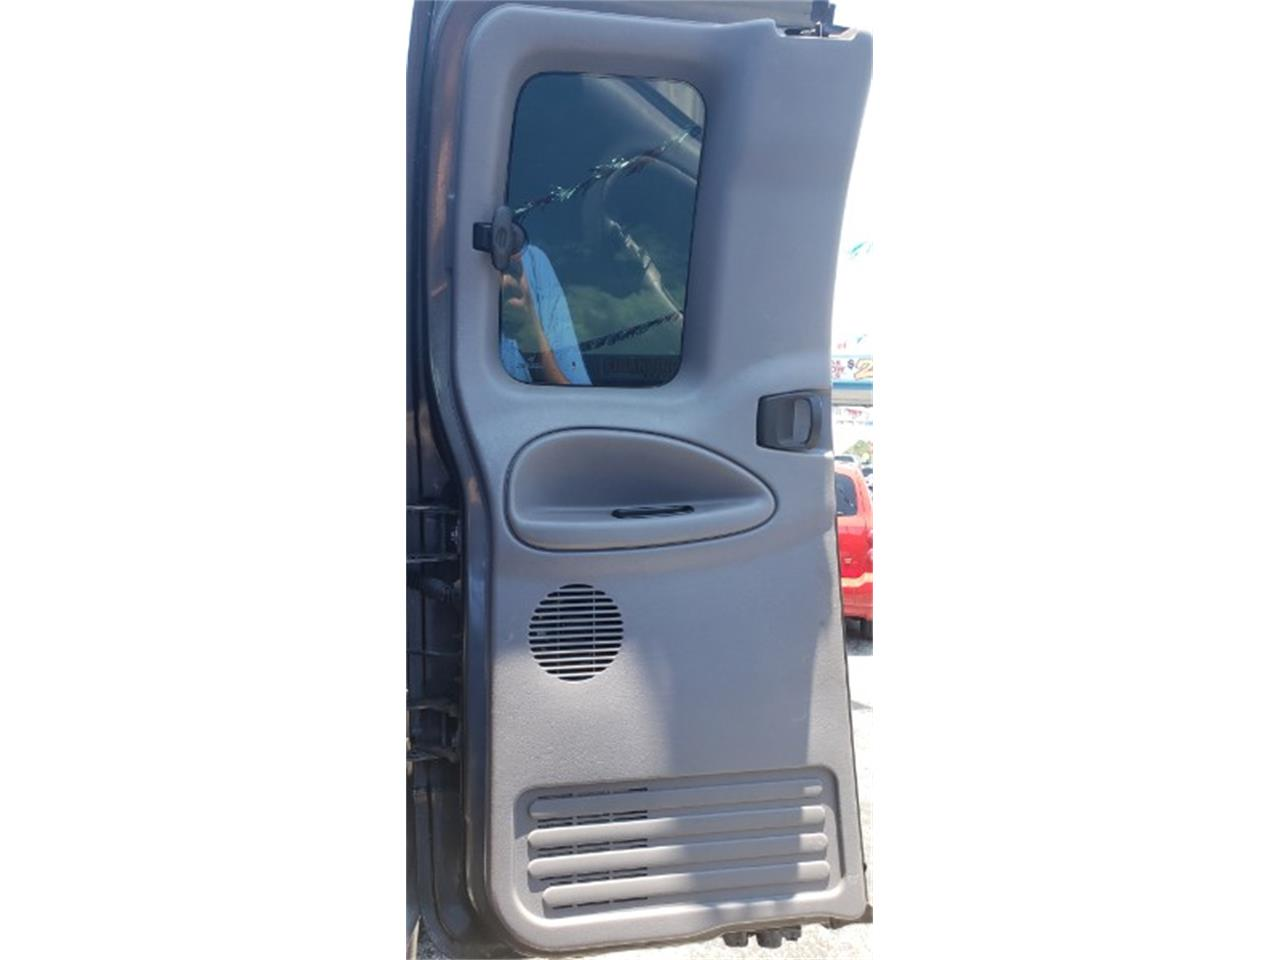 2002 Dodge Ram 2500 (CC-1234978) for sale in Tavares, Florida